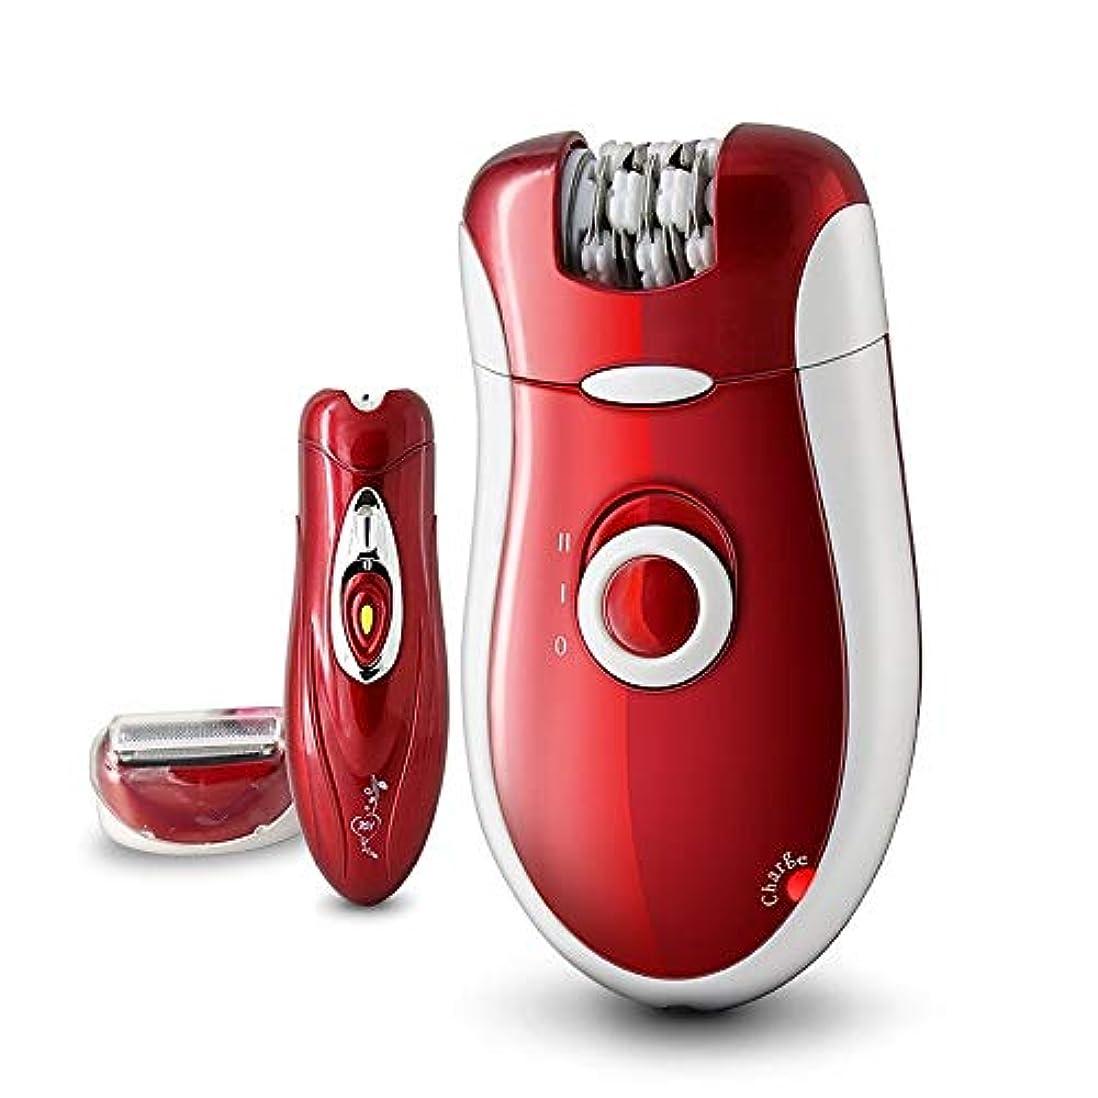 脱毛器、女性コードレス脱毛ポータブル電気シェーバー、レディアーム脇の下チンビキニレッグの爪弾く1ヘアートリマー精度の多機能脱毛3 (Color : Red)